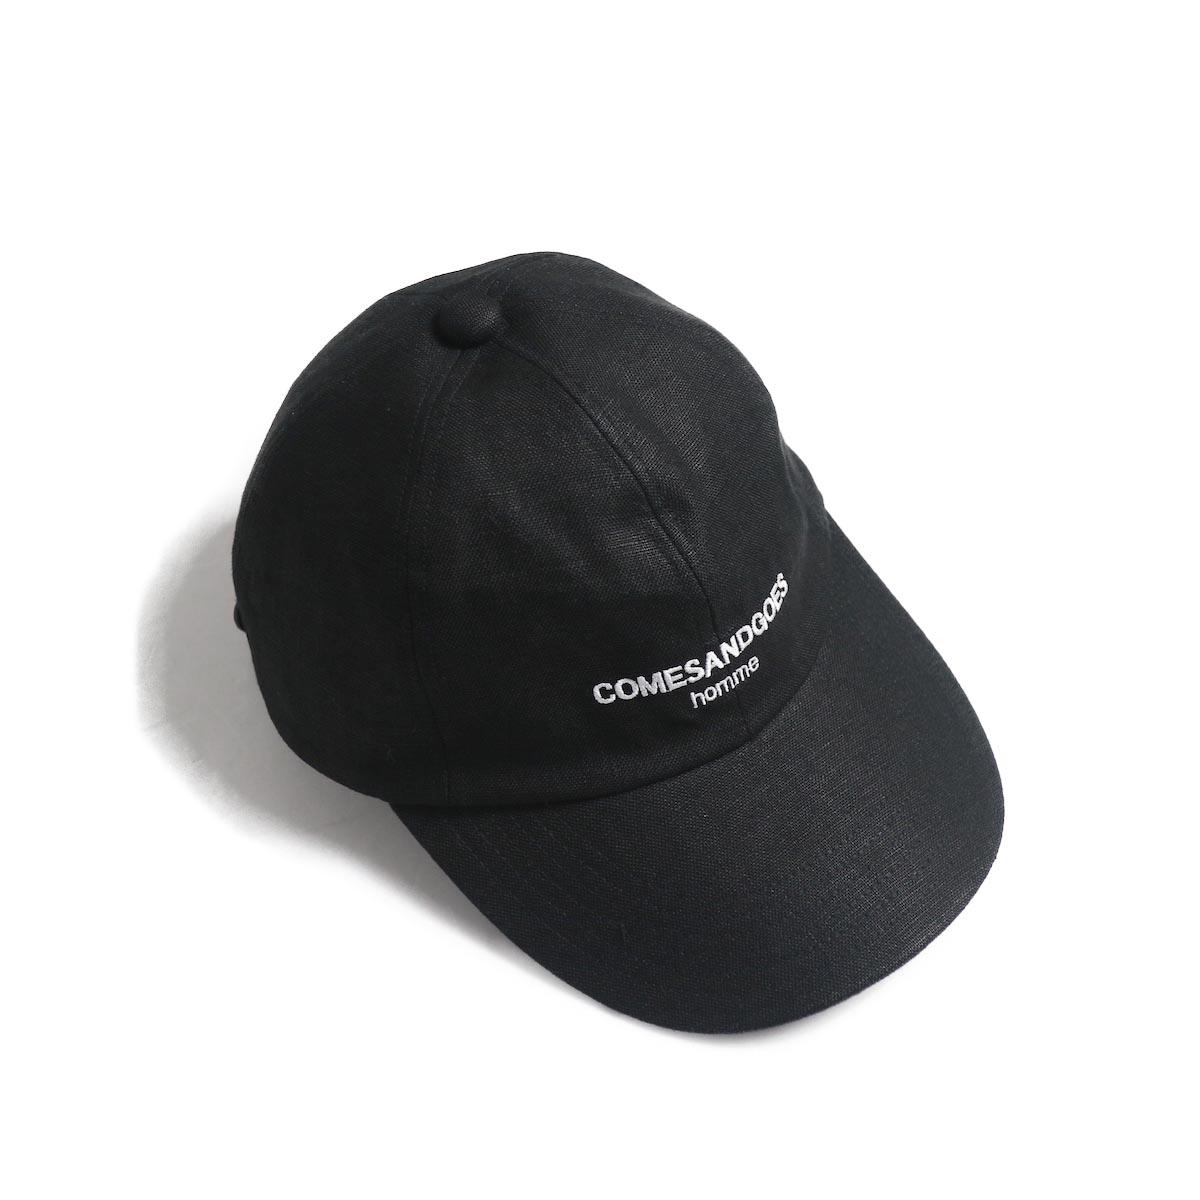 COMESANDGOES / COMES Homme Linen Cap (NO.14518) black